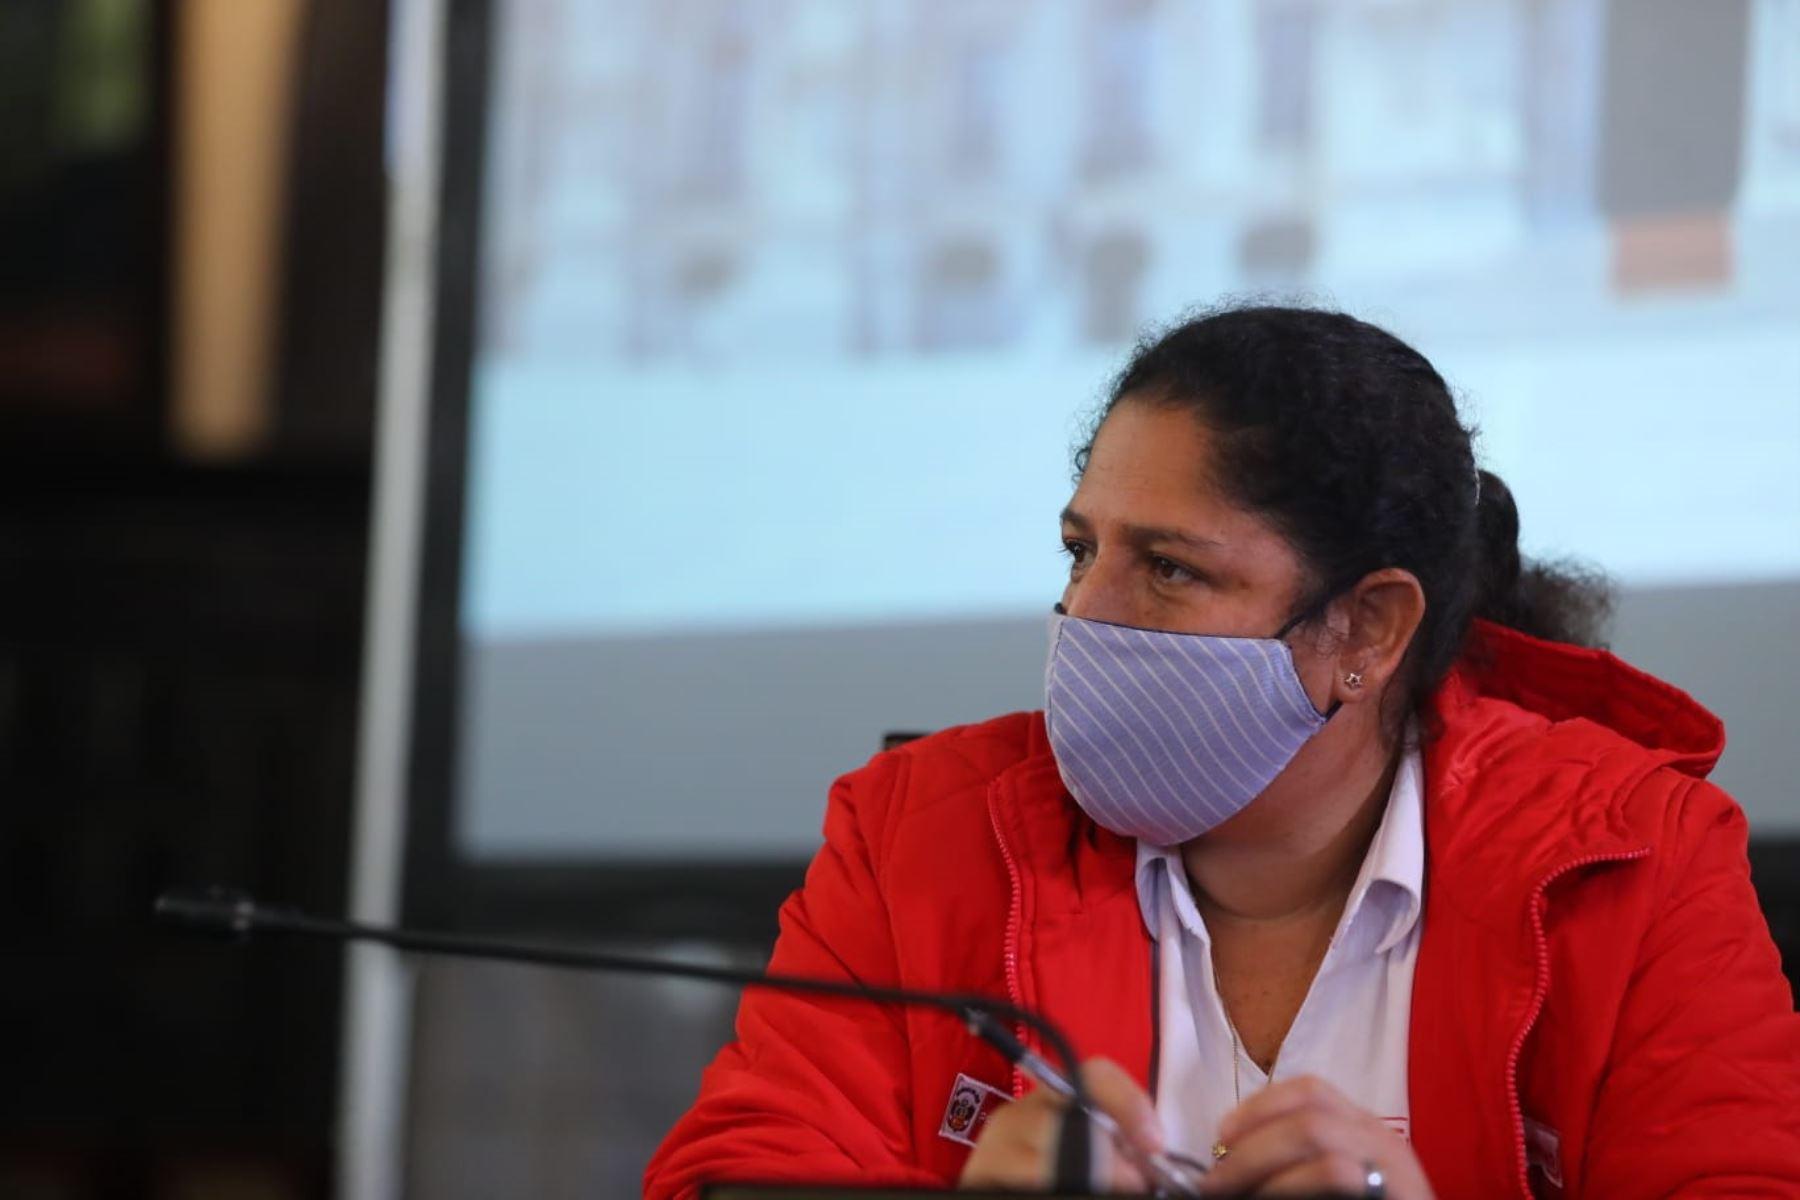 El presidente Martín Vizcarra informa sobre la situación del Estado de Emergencia en el Día 76 y las acciones que realiza el Gobierno para contener la propagación del covid-19. Ministra de Ambiente, Fabiola Muñoz, participa de la conferencia. Foto: ANDINA/ Prensa Presidencia